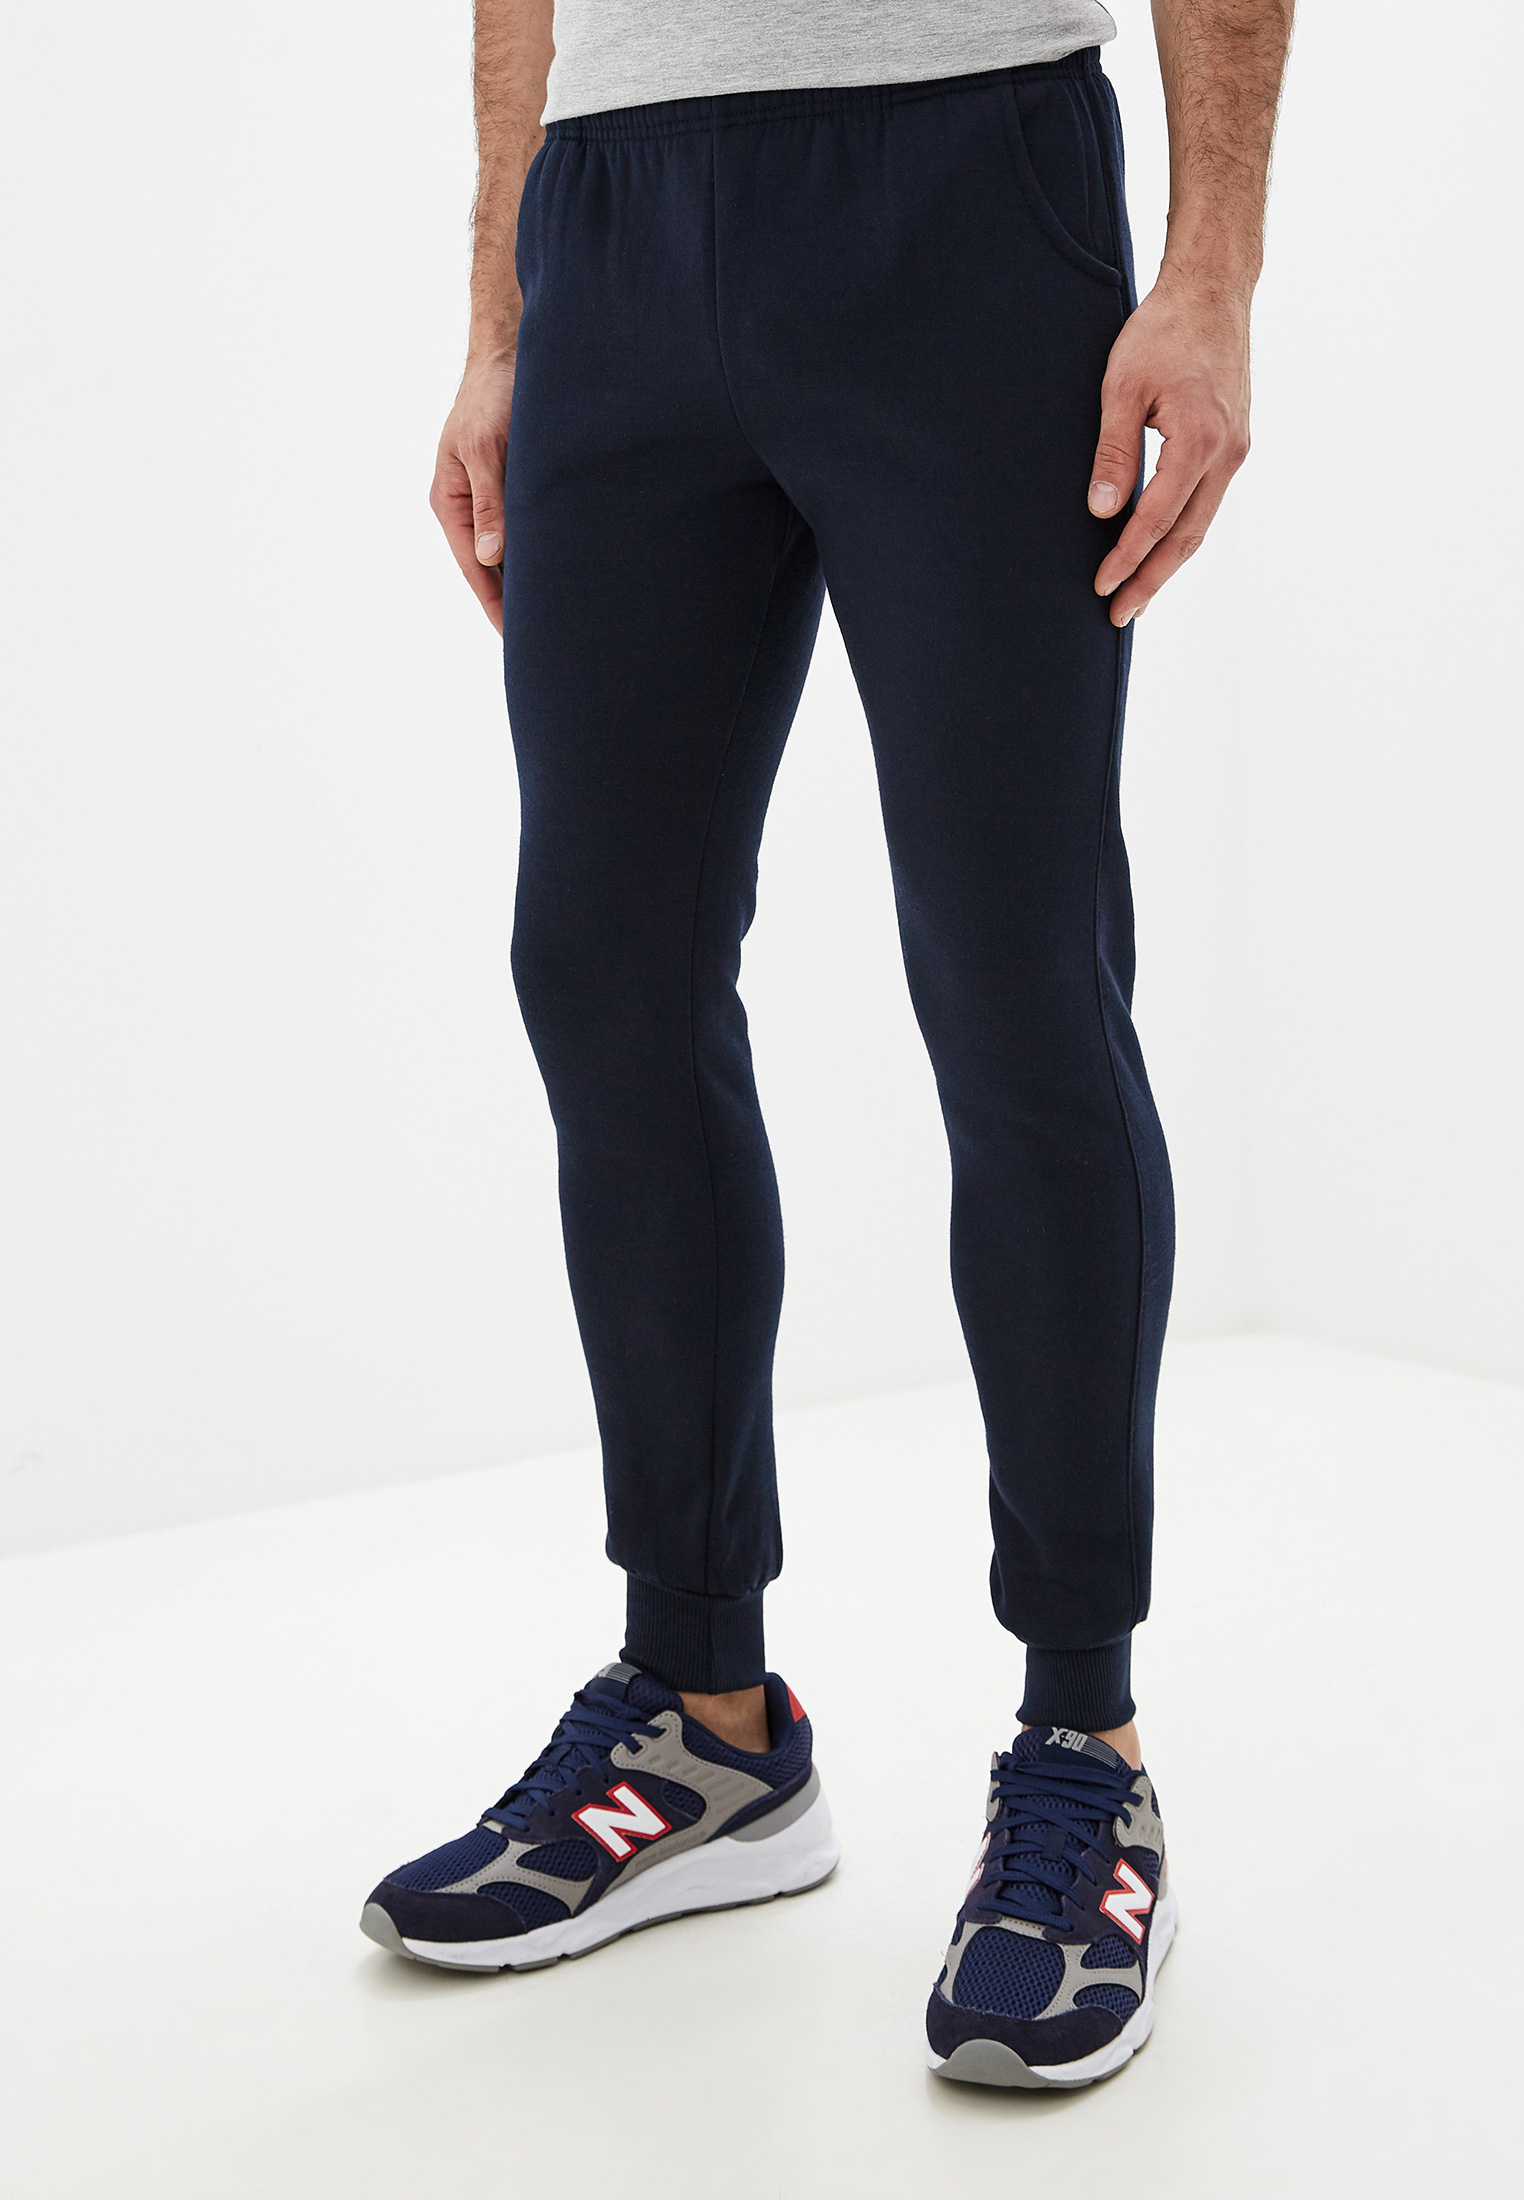 Мужские спортивные брюки M&2 B013-K234